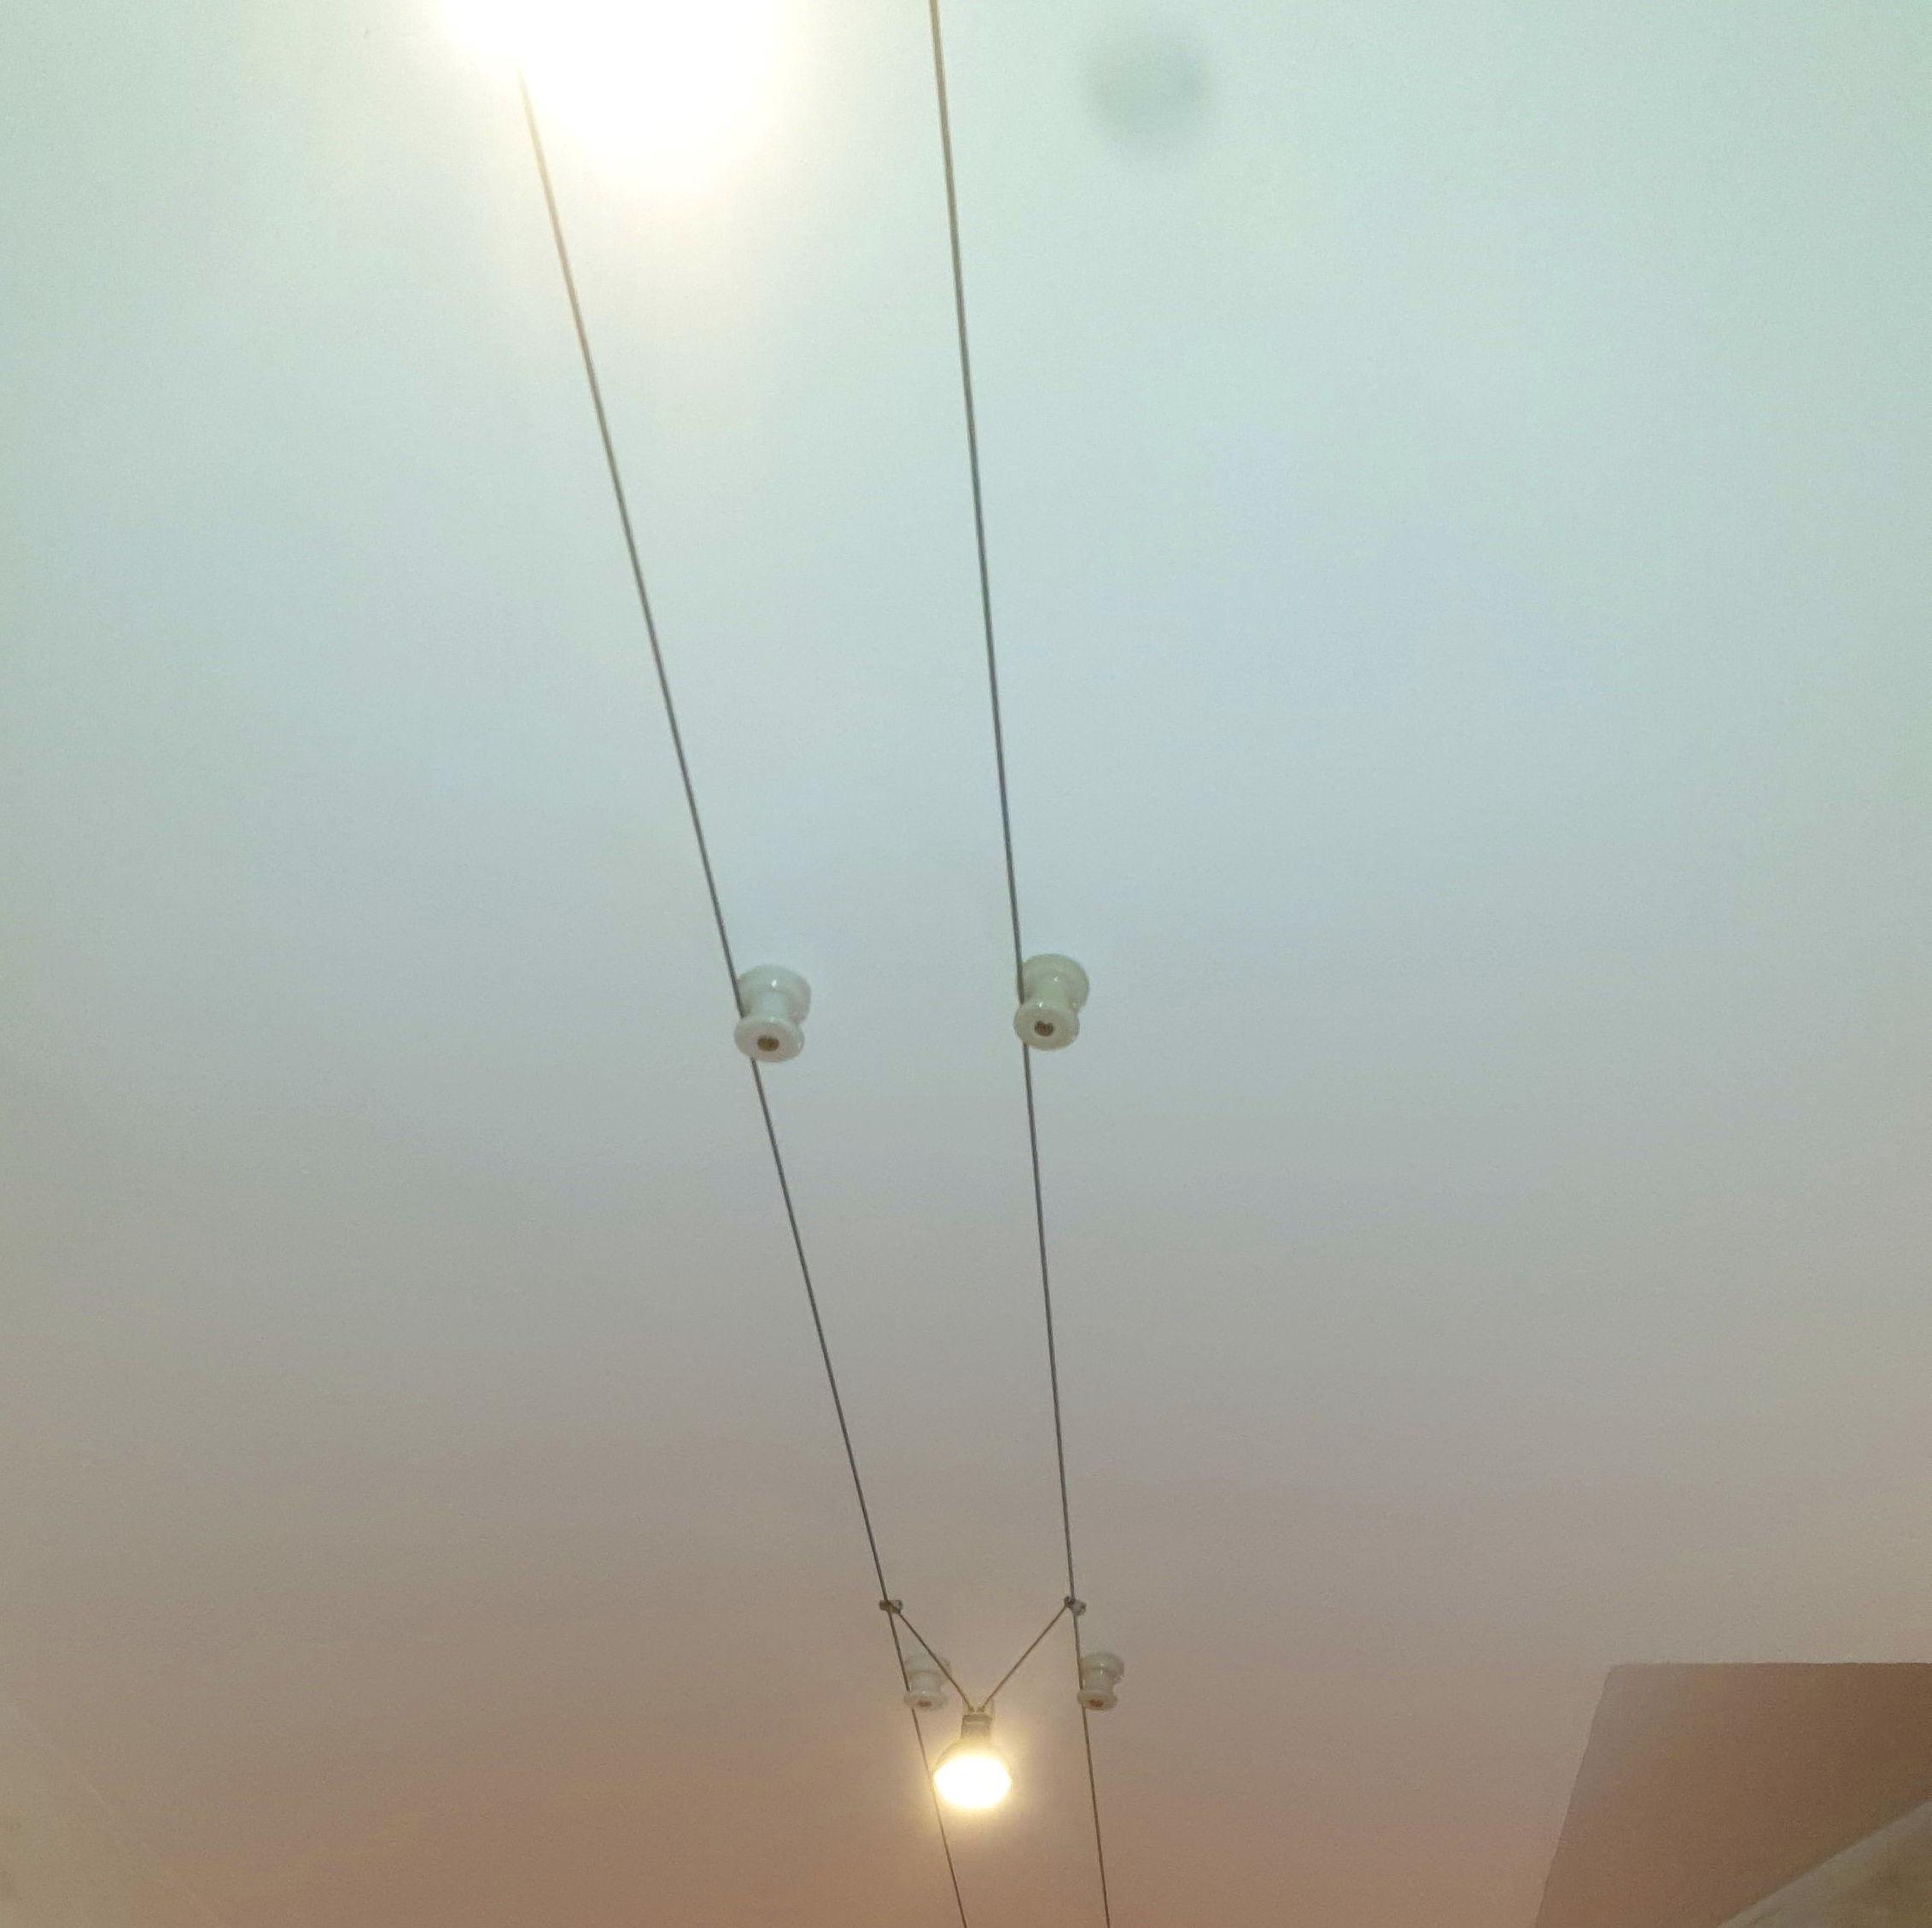 Foto 9 de Electricidad en Rivas-Vaciamadrid | Electricidad Bellavista, S.L.